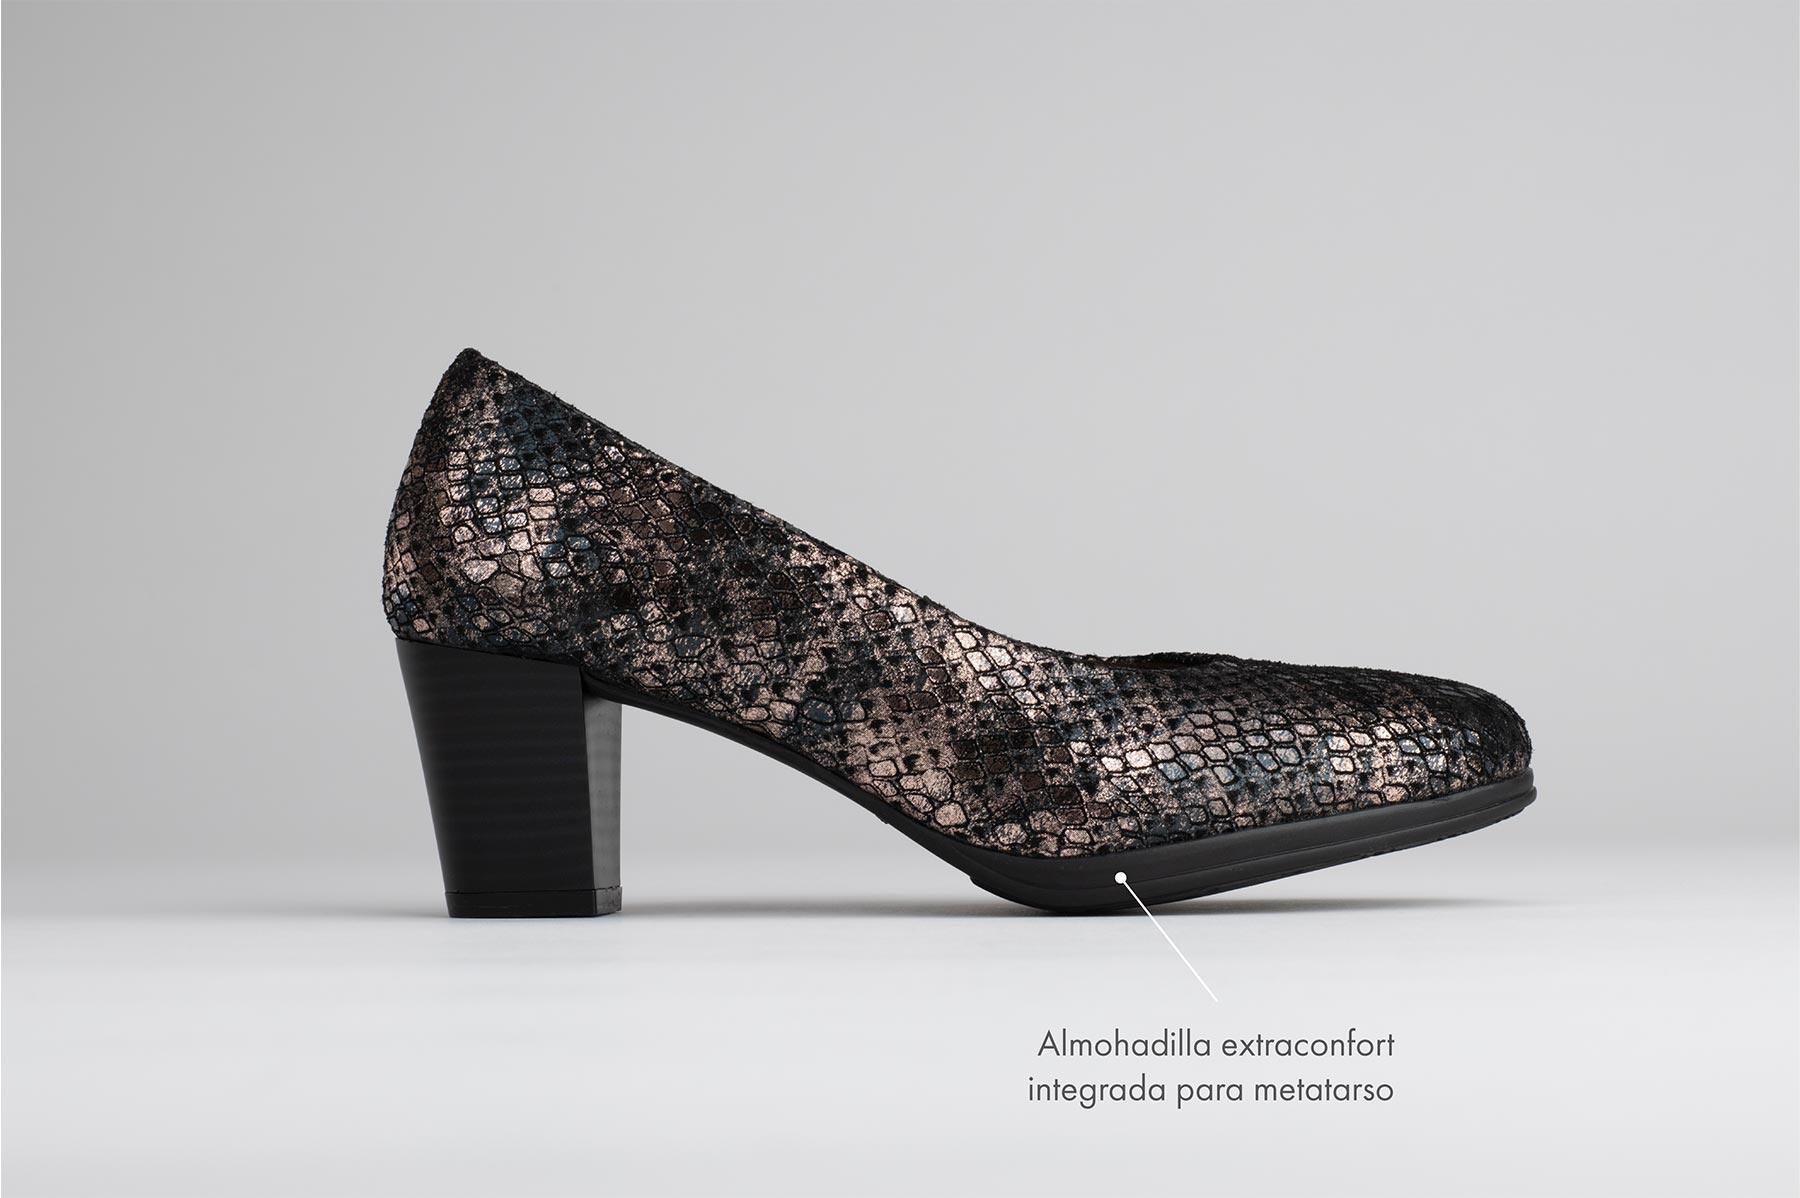 Foto de estudio de zapatos elegante tacones